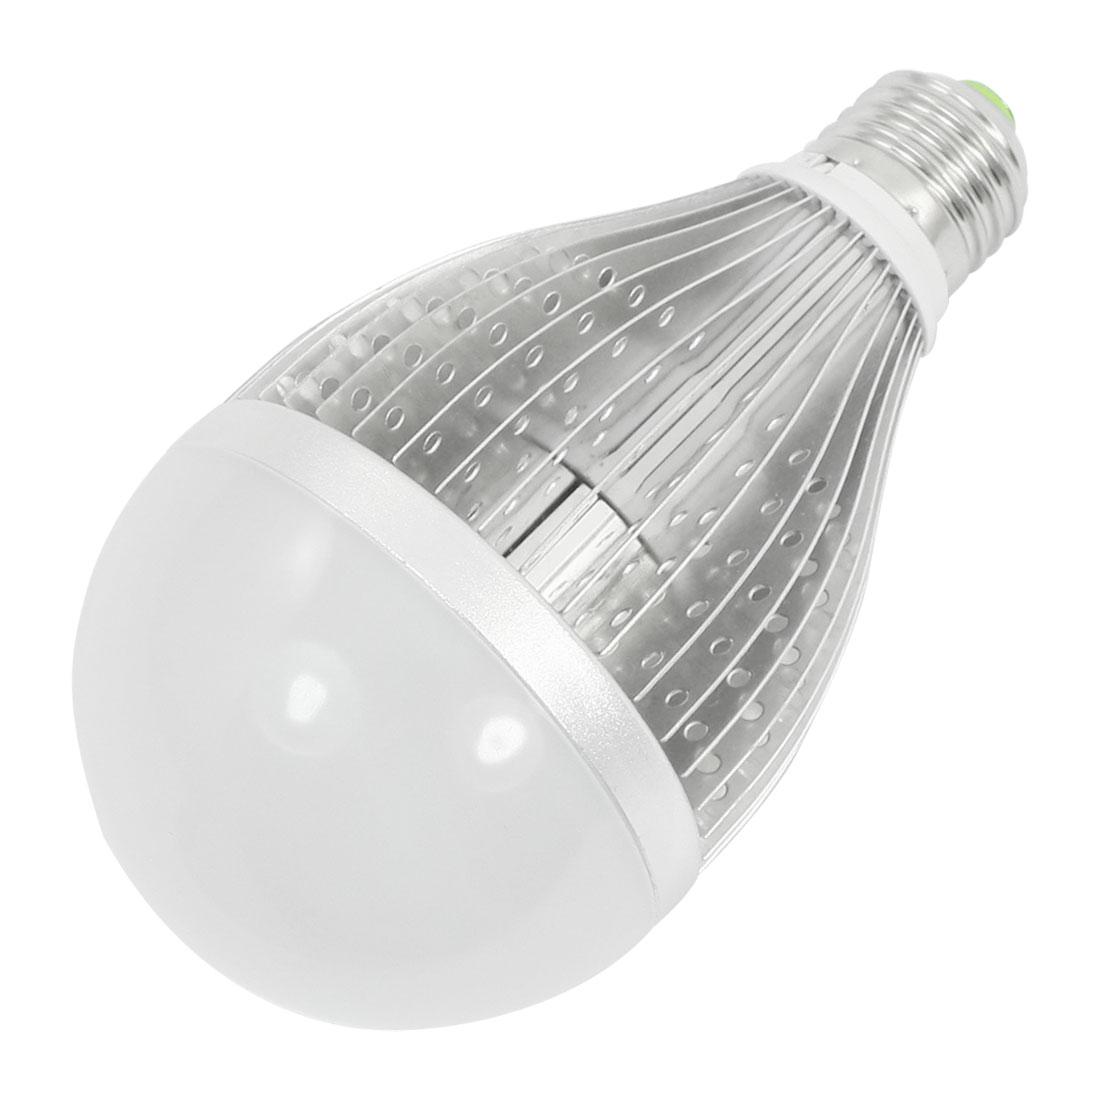 Household Indoor E27 10 x 1W LEDs 1000Lm 3000-3500K Warm White Globe Ball Light Bulb Lamp AC 85-260V